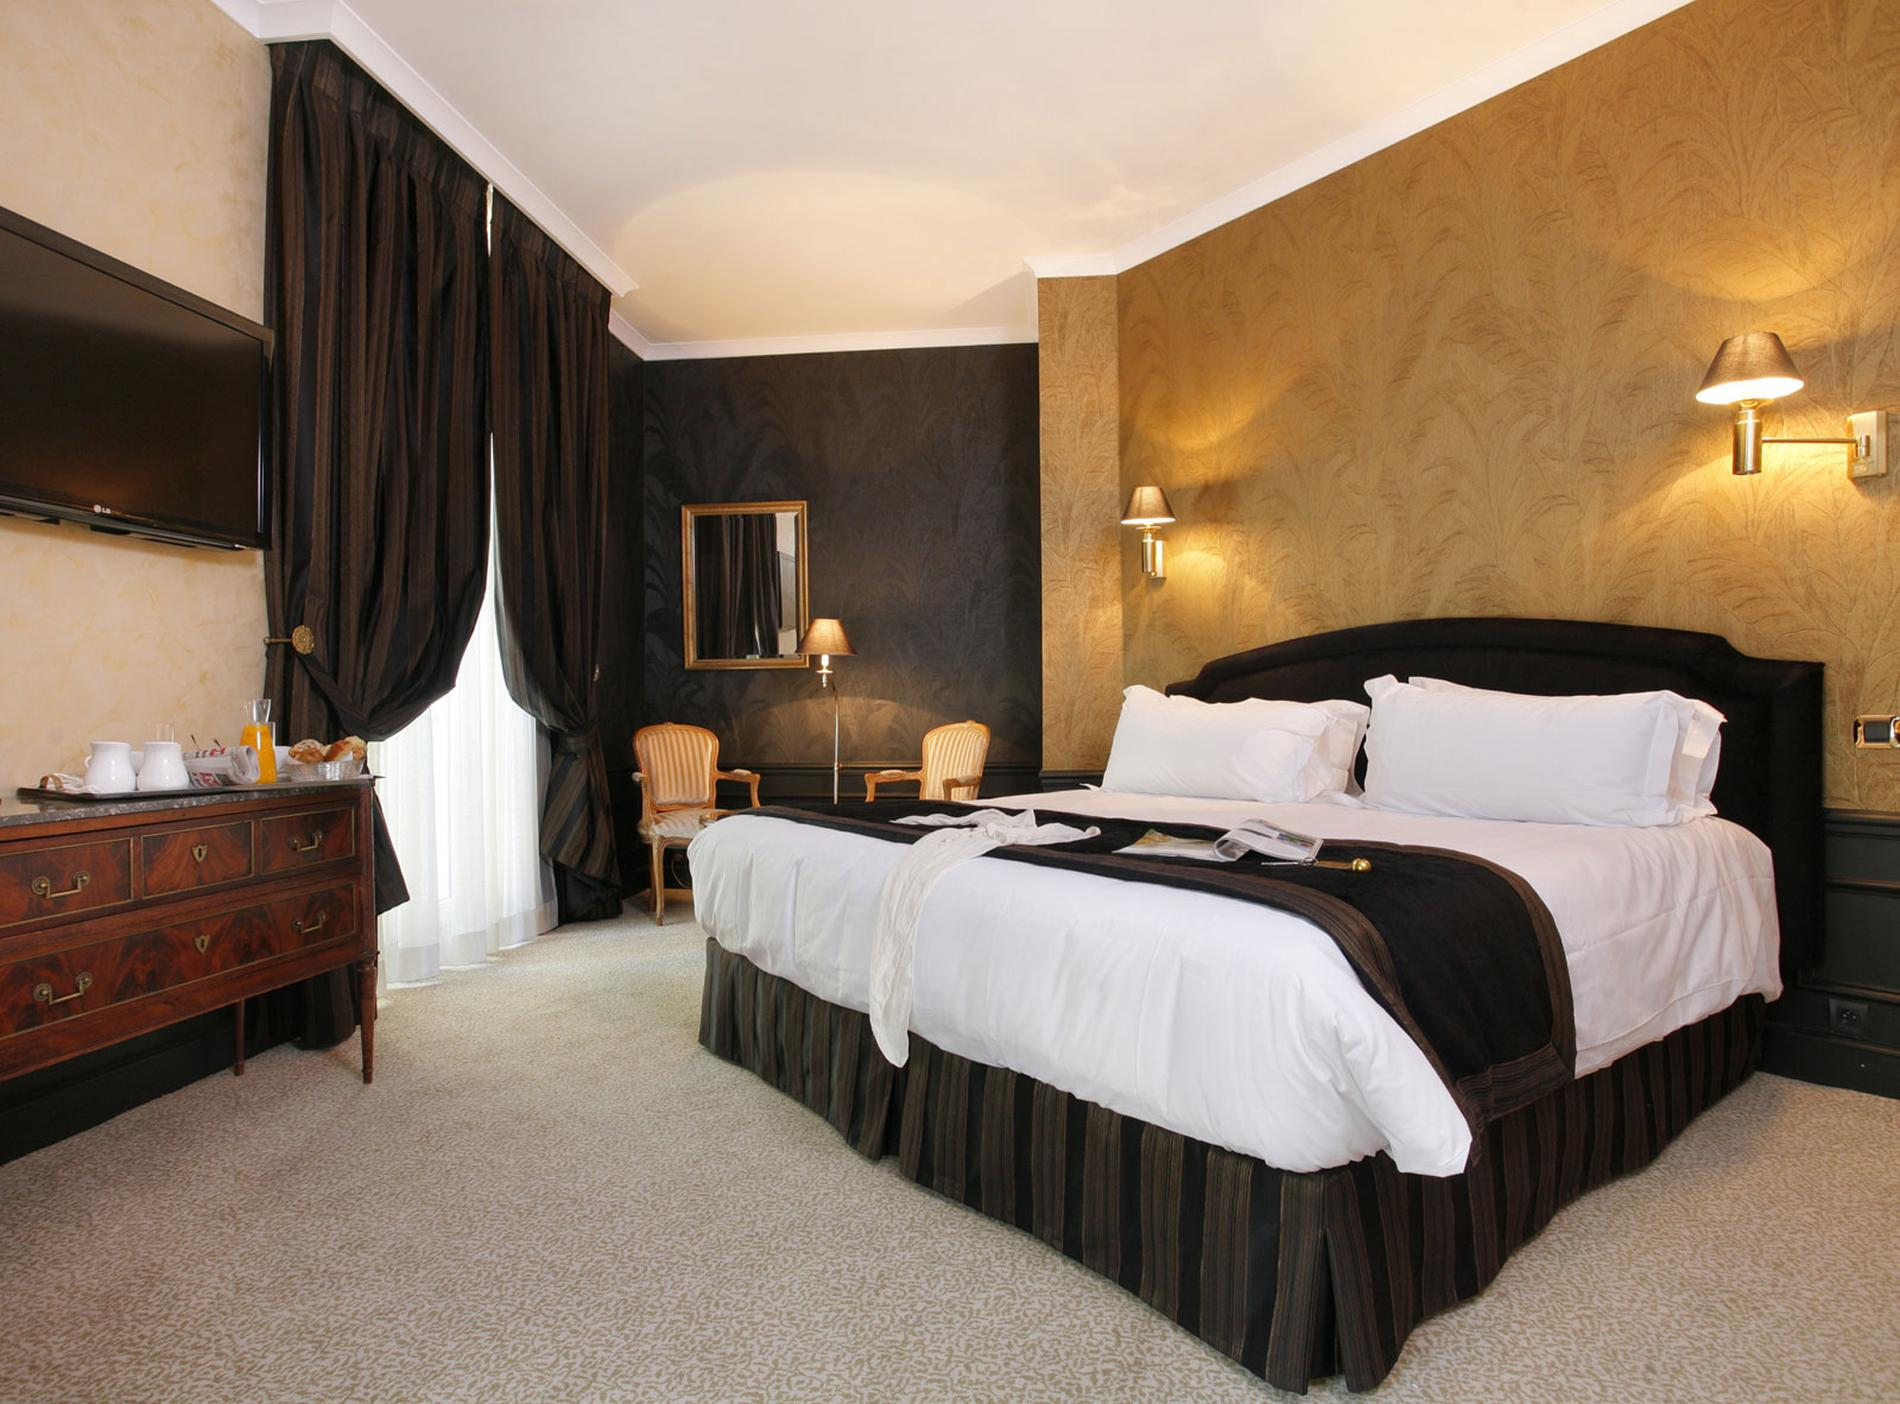 Source d 39 inspiration hotel avec jacuzzi dans la chambre - Hotel avec jacuzzi dans la chambre montpellier ...